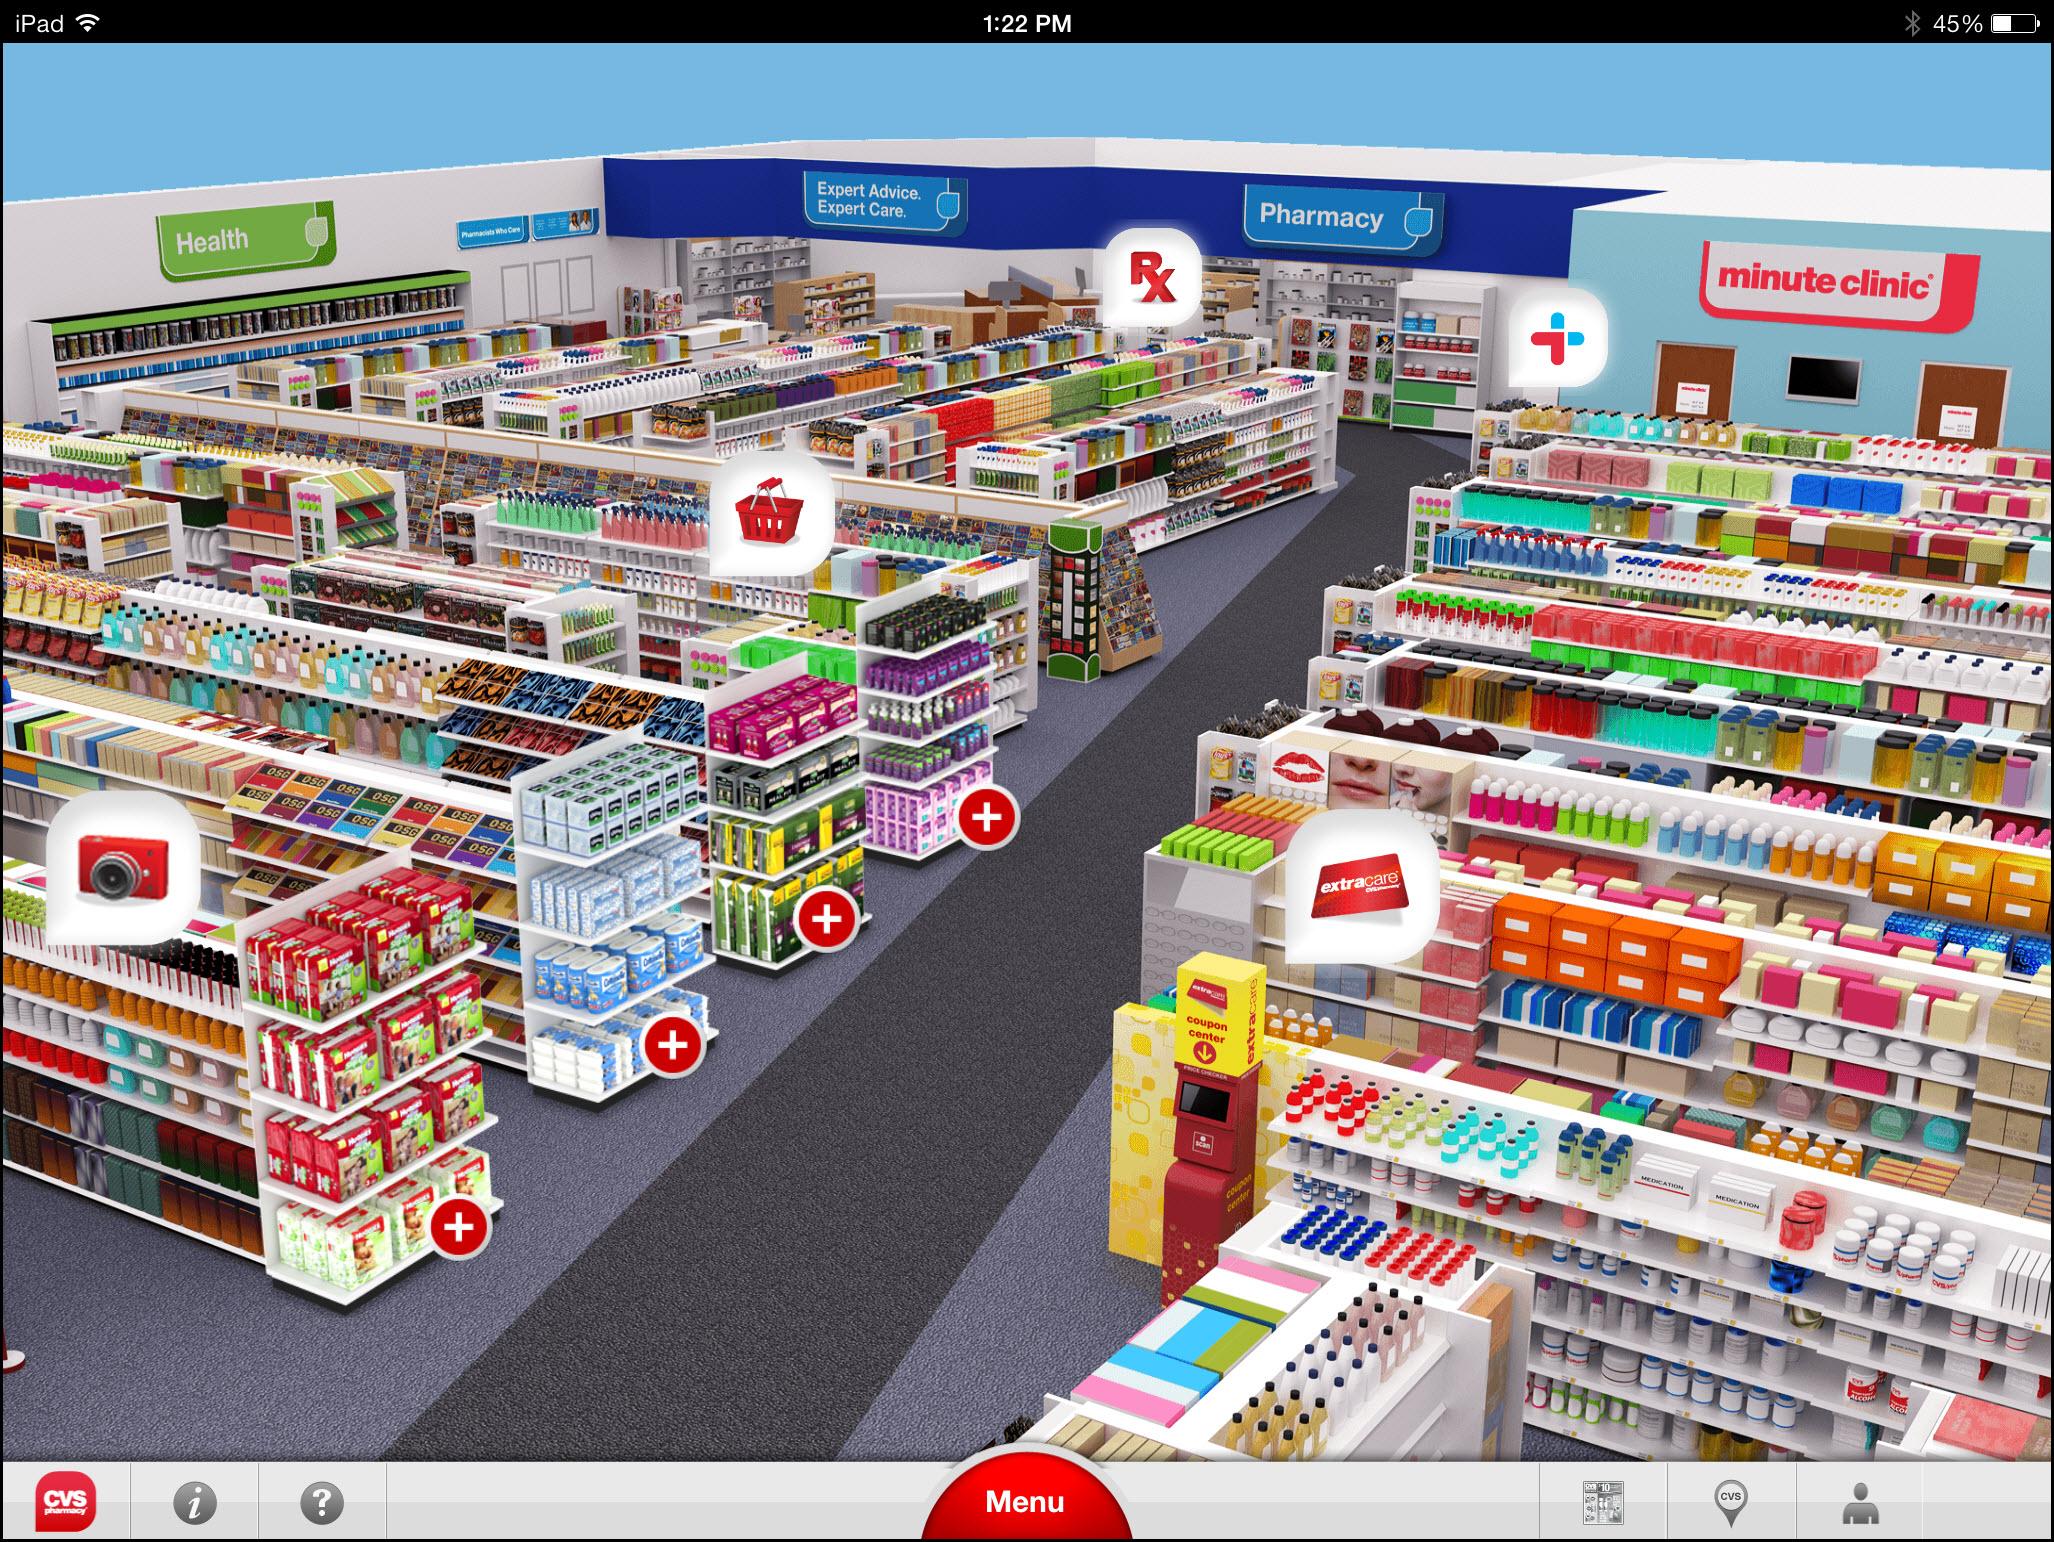 CVSのiPadアプリはバーチャルストアで商品を表示する。しかし、そのデザインは扱いにくく、ユーザーにとってはイライラするものである。